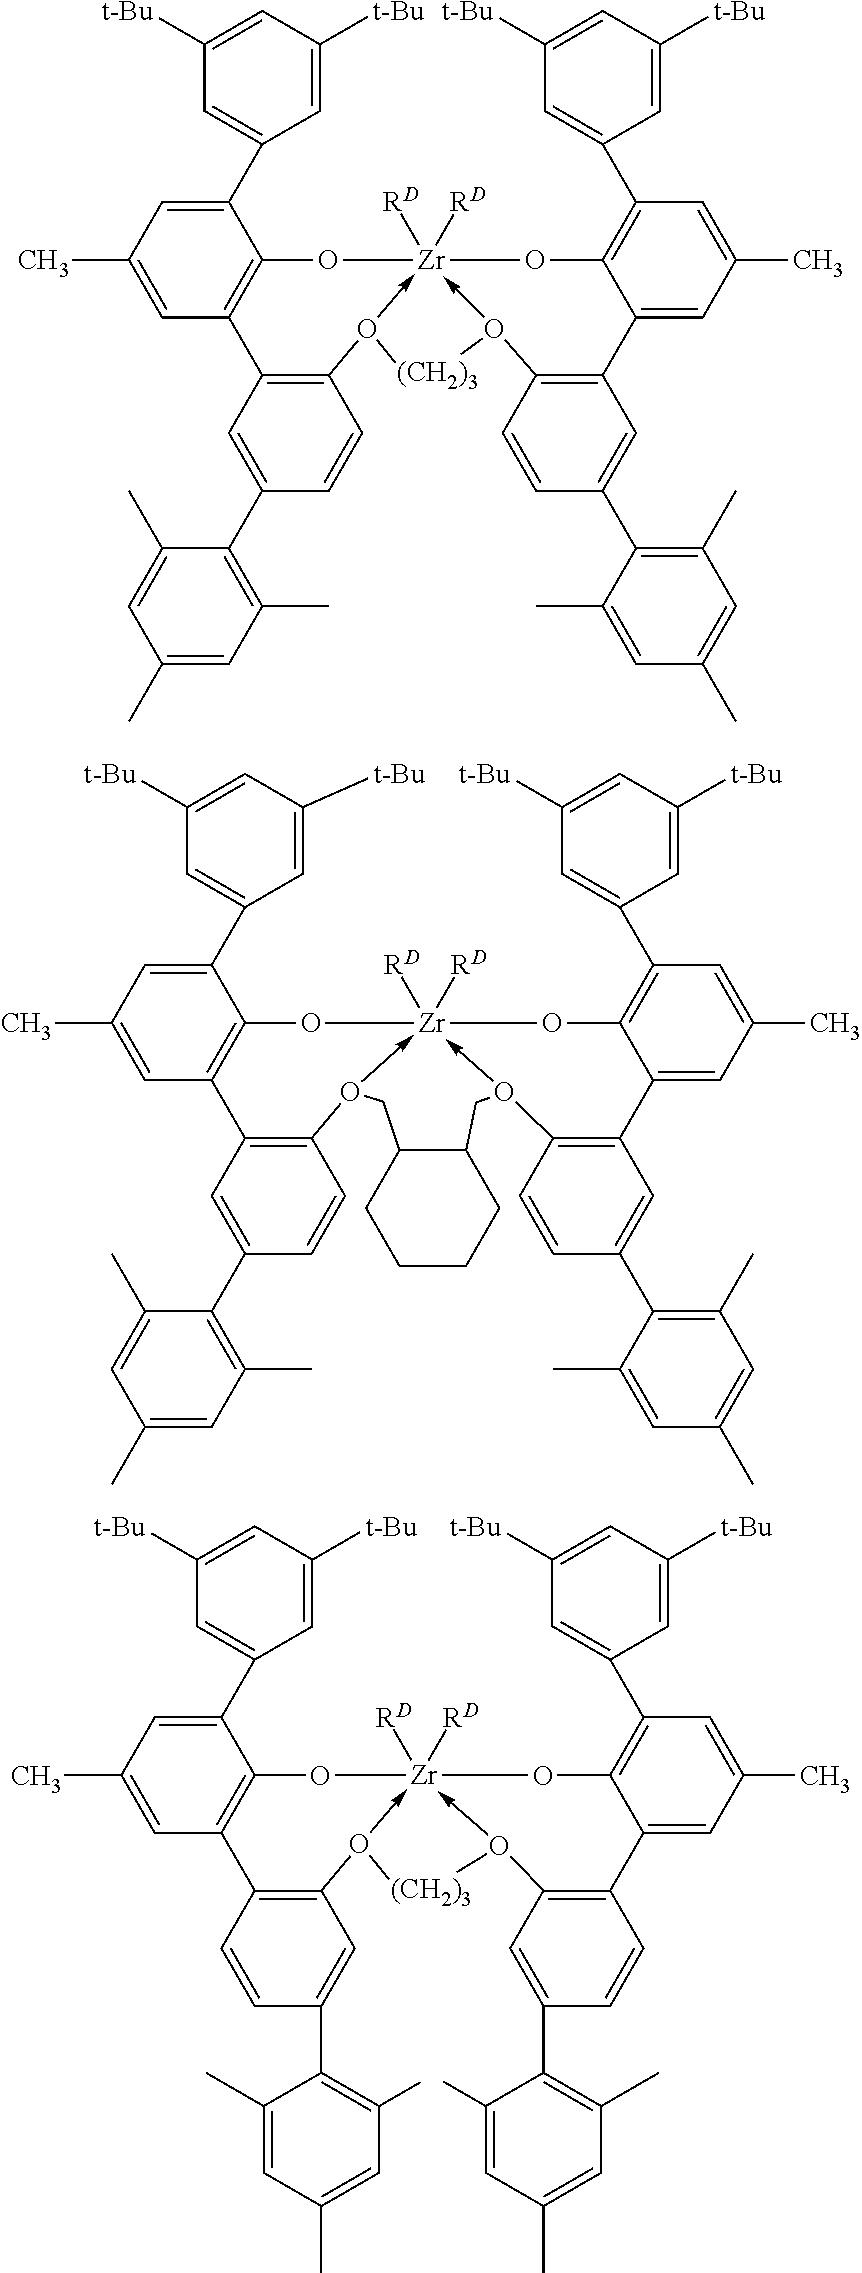 Figure US08450438-20130528-C00020